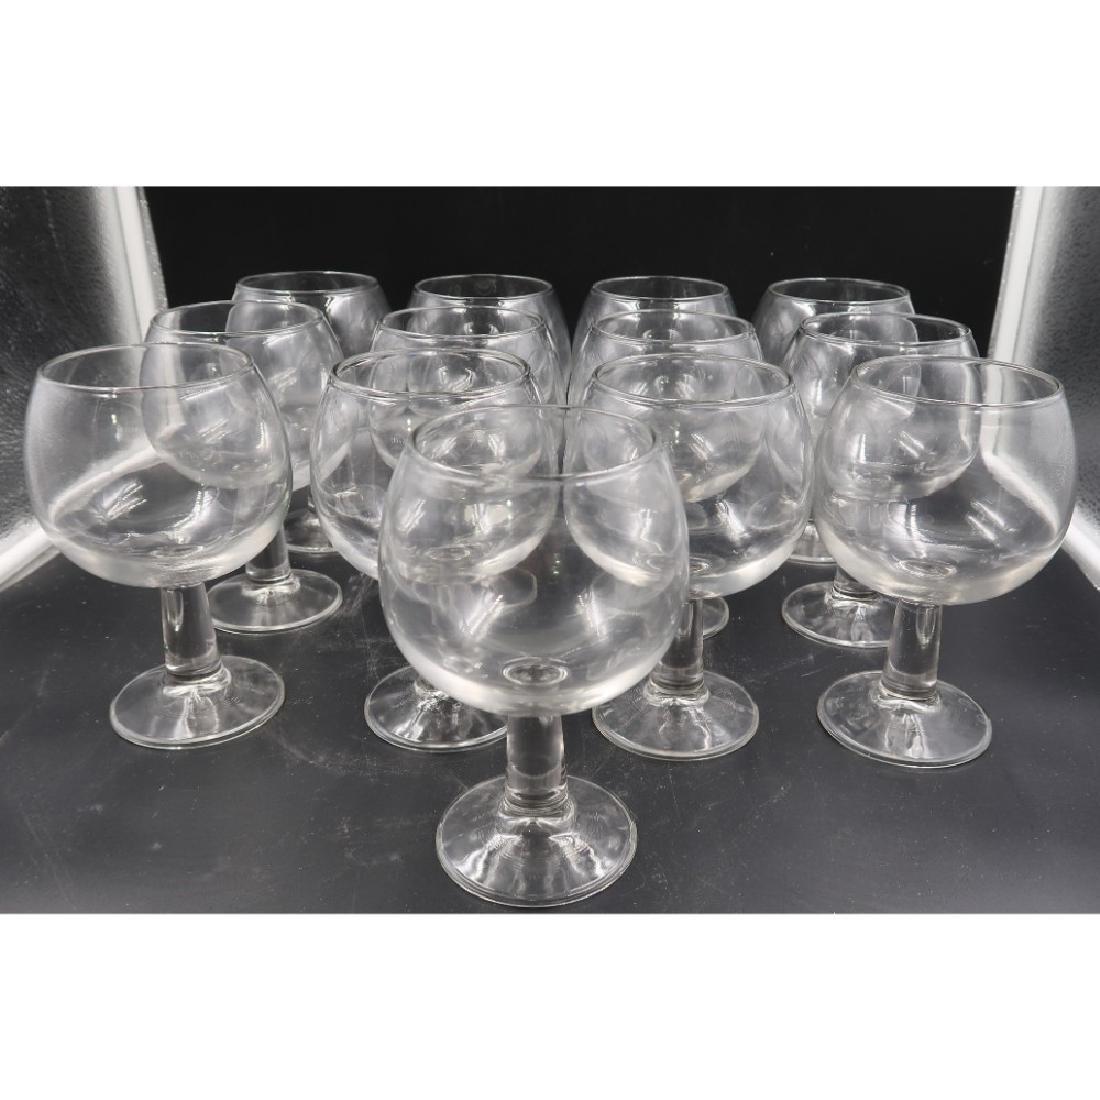 14 Water glasses - Vintage -